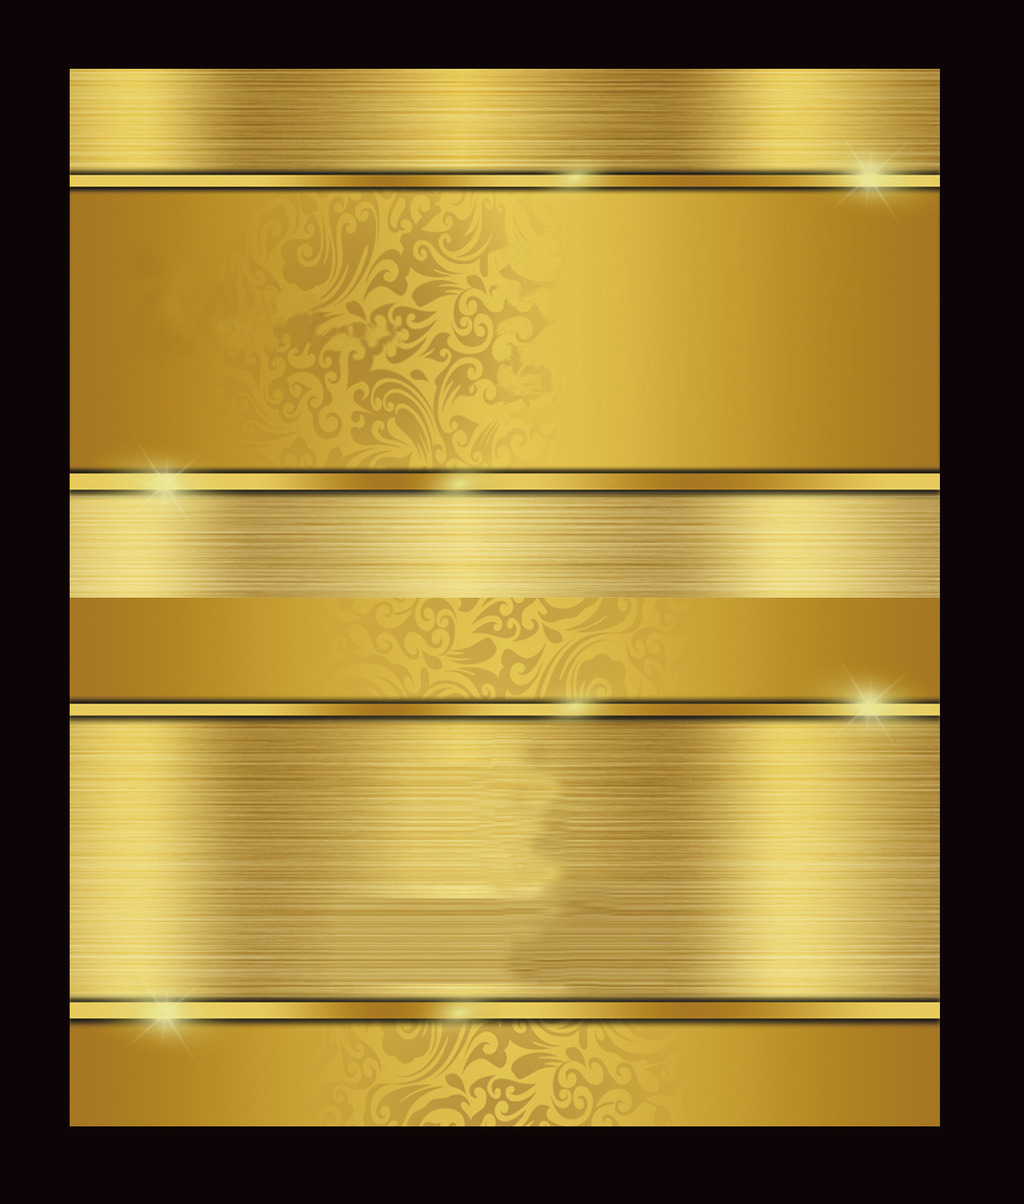 金黄色高档vip卡设计psd模板